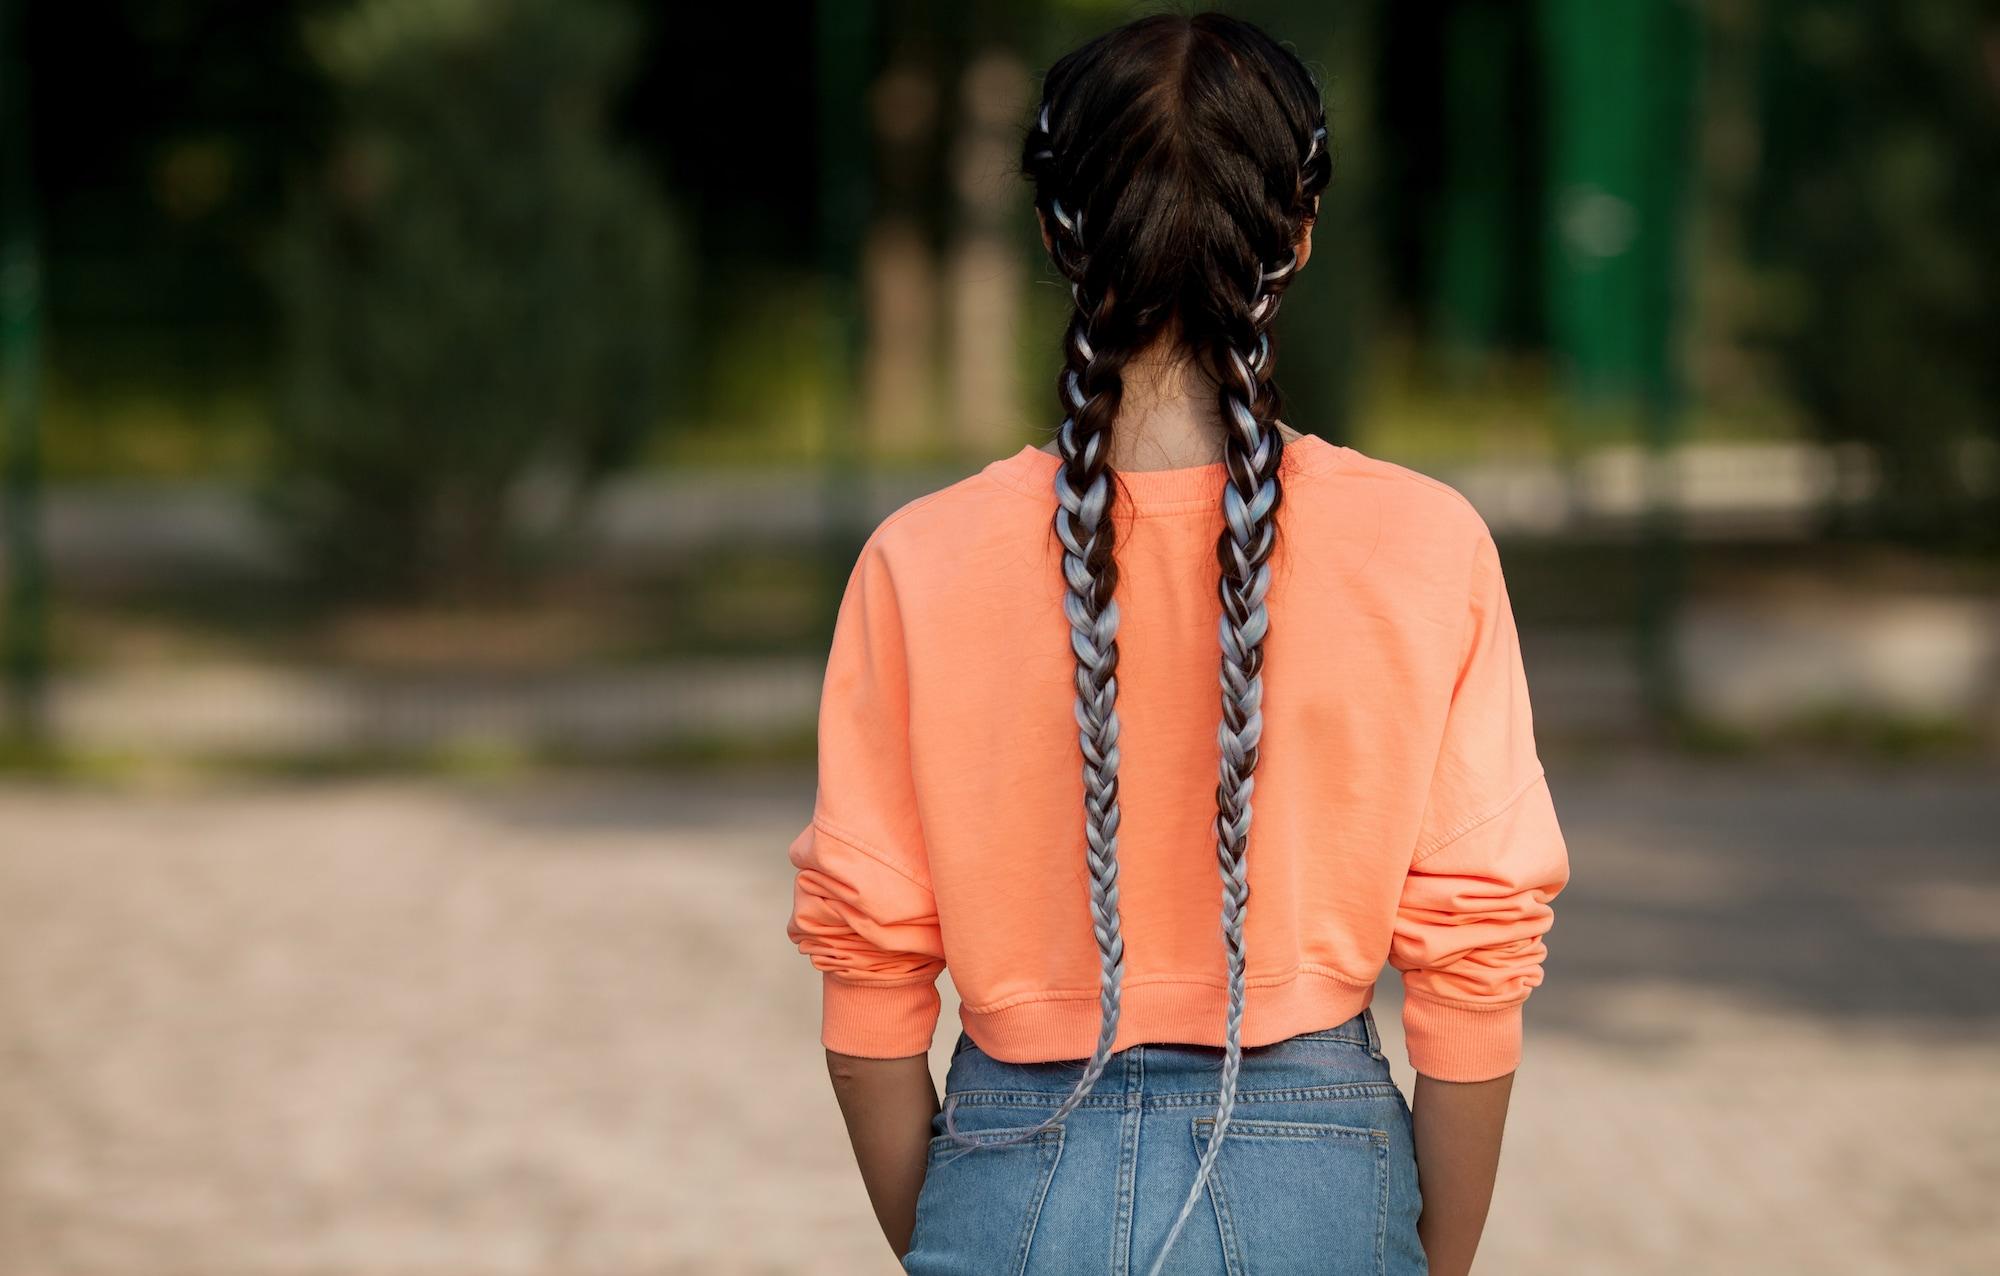 12 kepang rambut dua gaya dutch braid pada rambut panjang